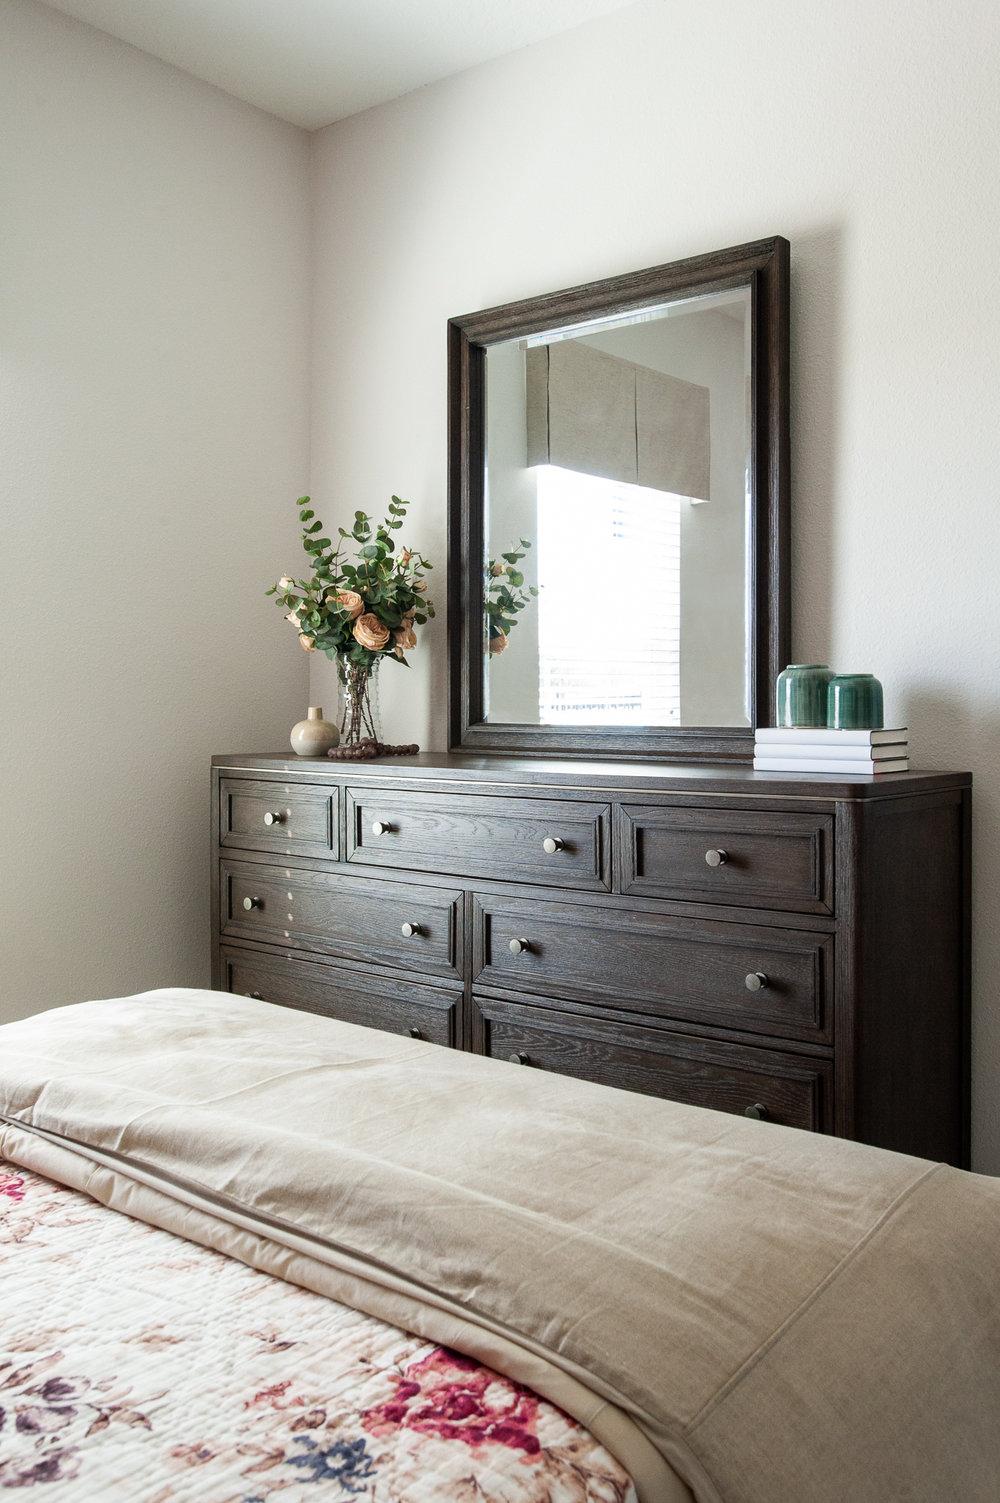 Micamy_Interior Designer_Design_Interior_Model_Merchandising_Guest Bedroom_Accent Wall_Uttemrost_UniversalFurniture_Schumacher_AmityBedding_Dresser_Blog.jpg